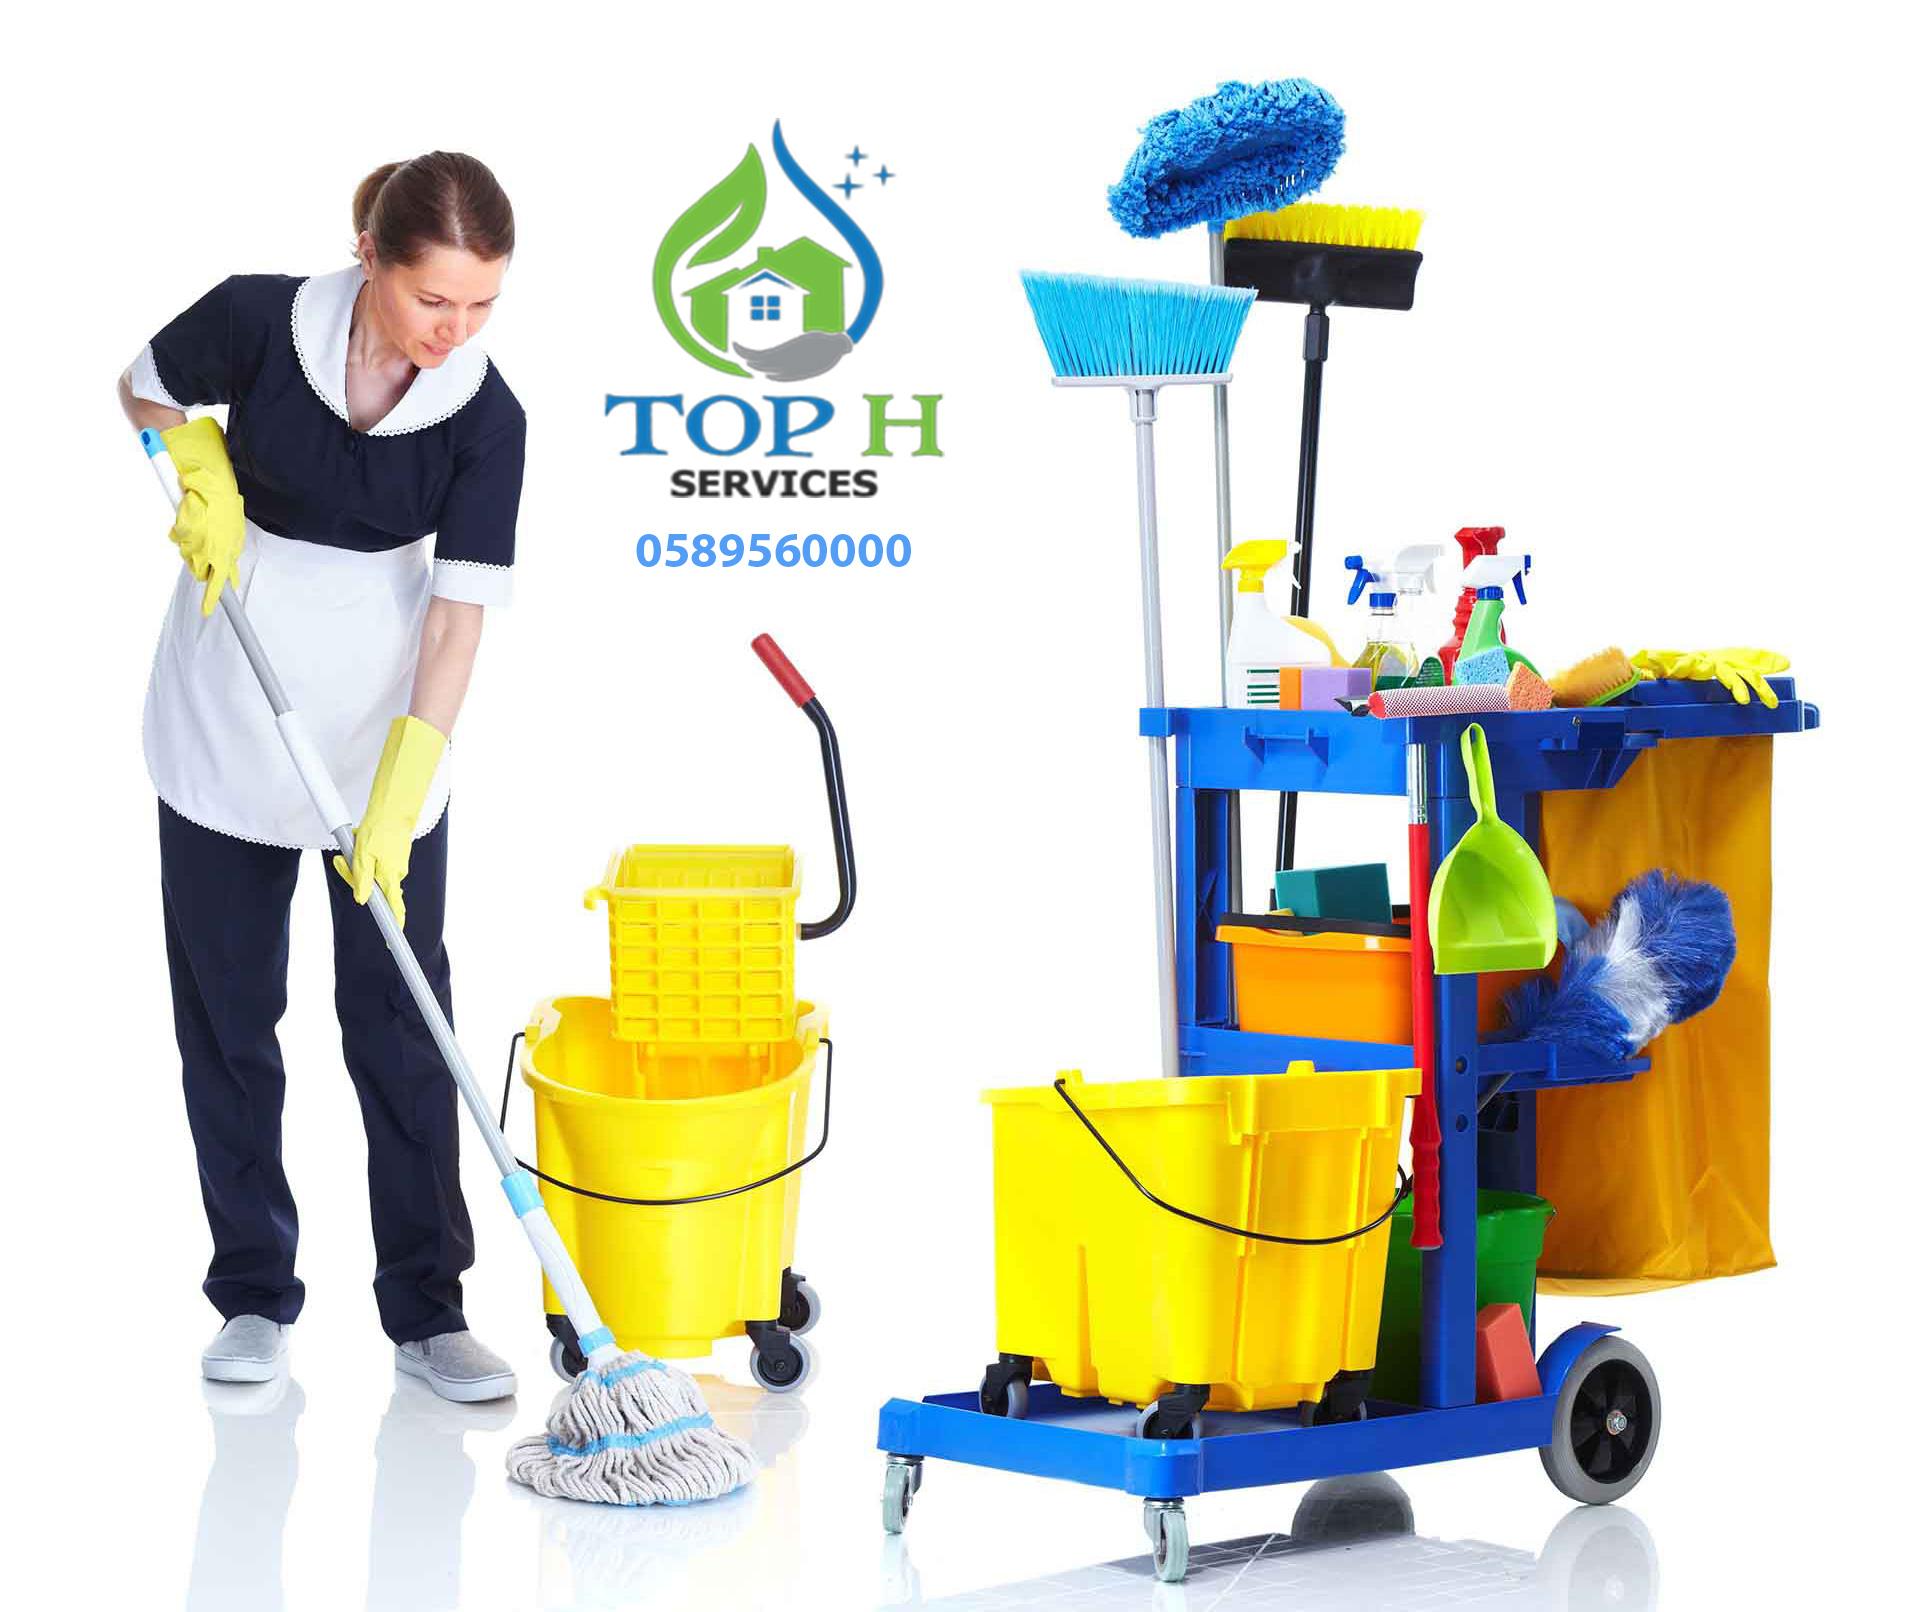 شركة تنظيف فى دبي | تنظيف وتعقيم المنازل